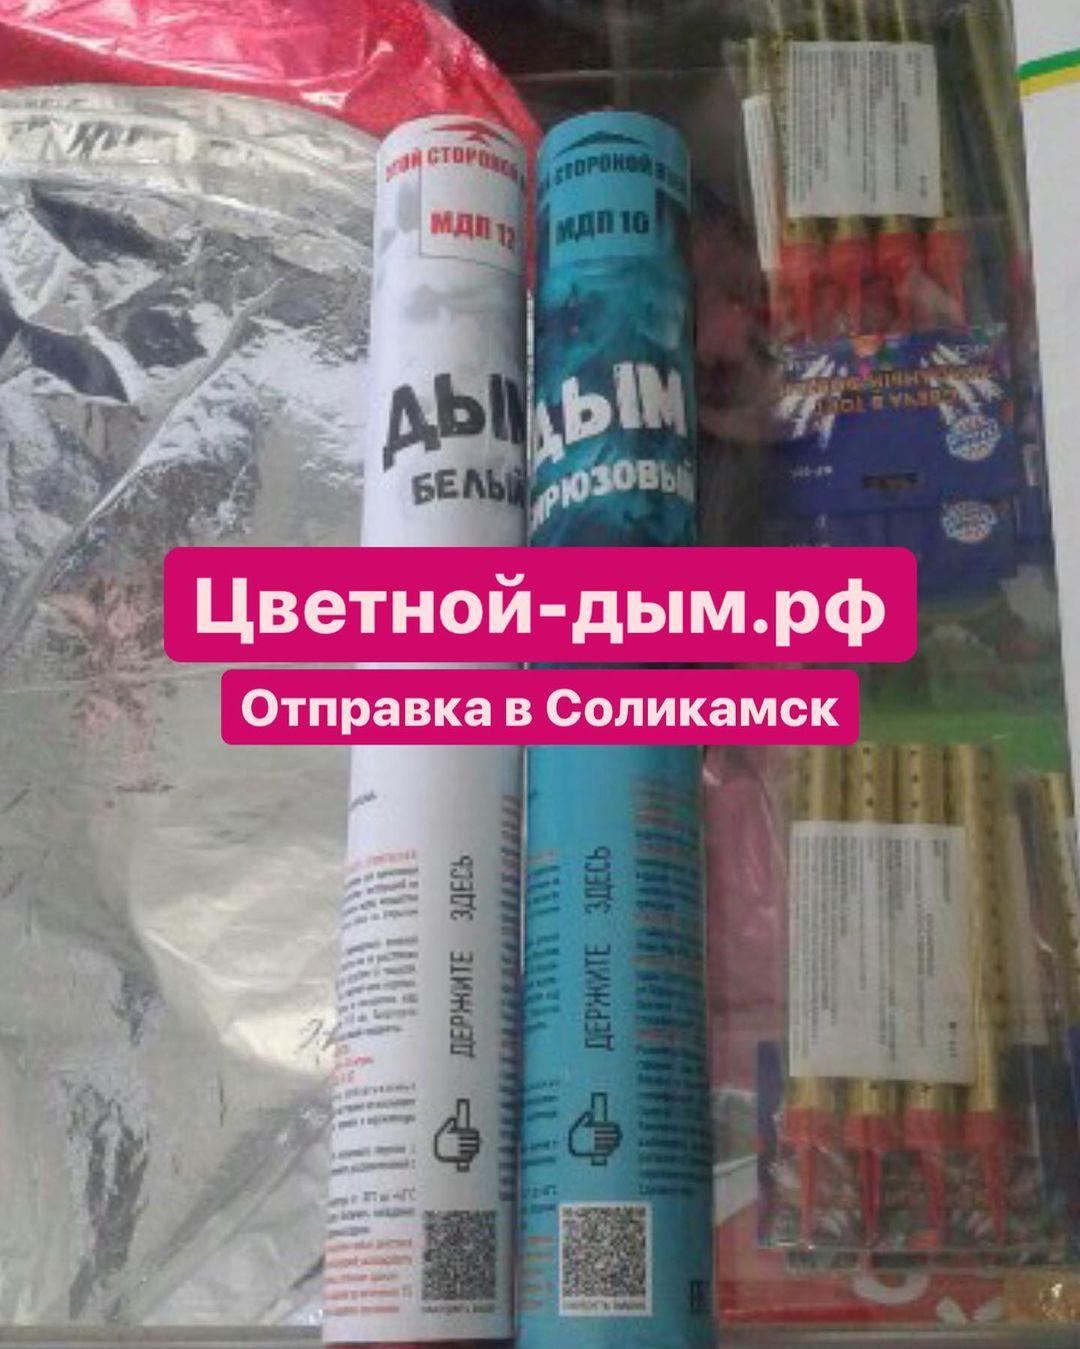 Ручной дым отправка - Цветной-дым.рф отзывы